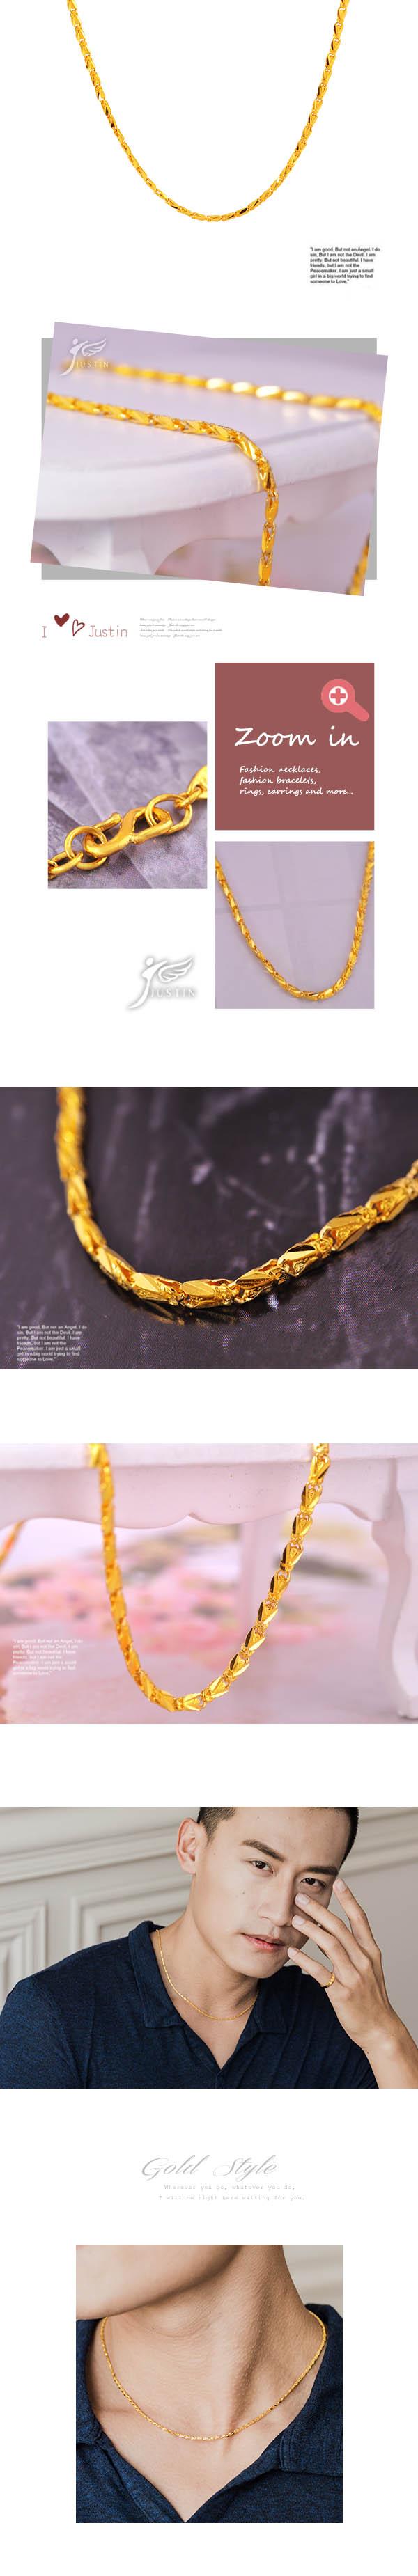 金緻品,金製品,黃金價格,金飾,金飾價格,黃金飾品,金飾店,純金,金飾品牌,黃金投資,黃金項鍊,金鍊子,黃金男項鍊,金享樂